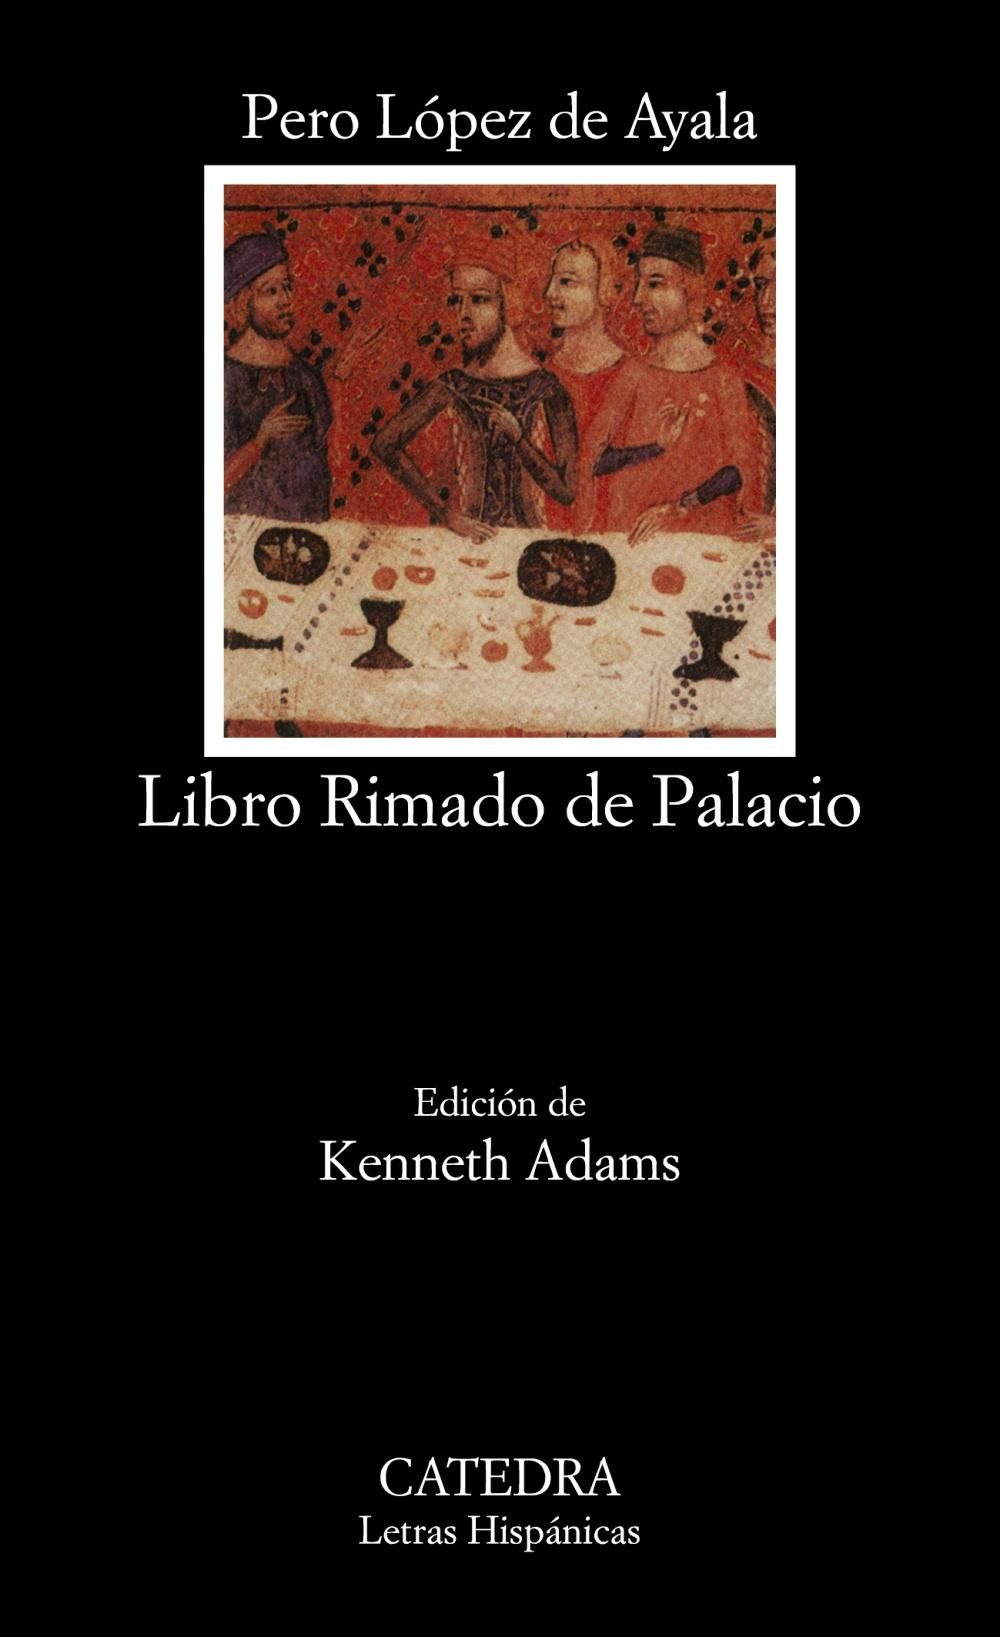 libro rimado de palacio-pedro lopez de ayala-9788437611525